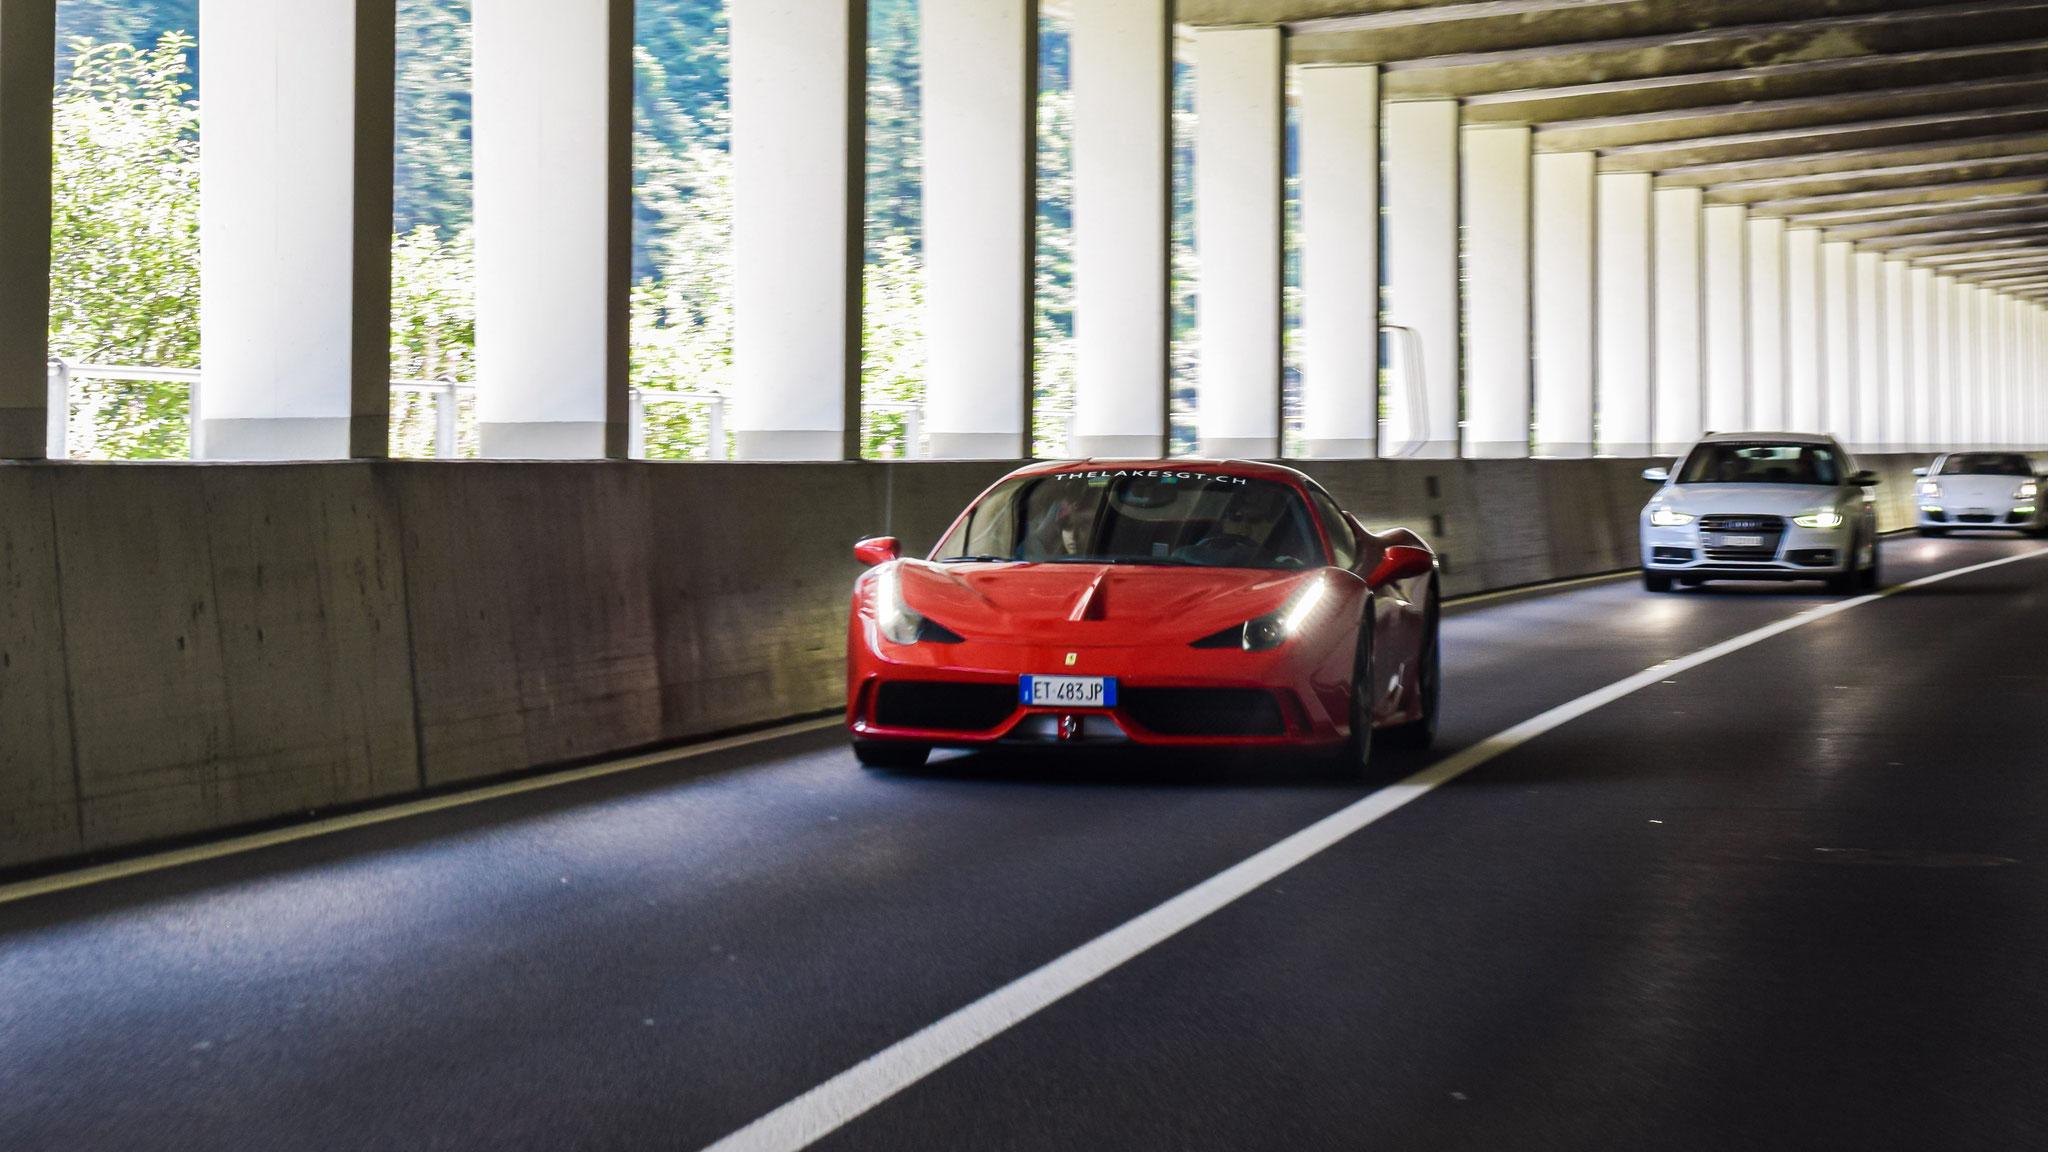 Ferrari 458 Speciale - ET-483-JP (ITA)